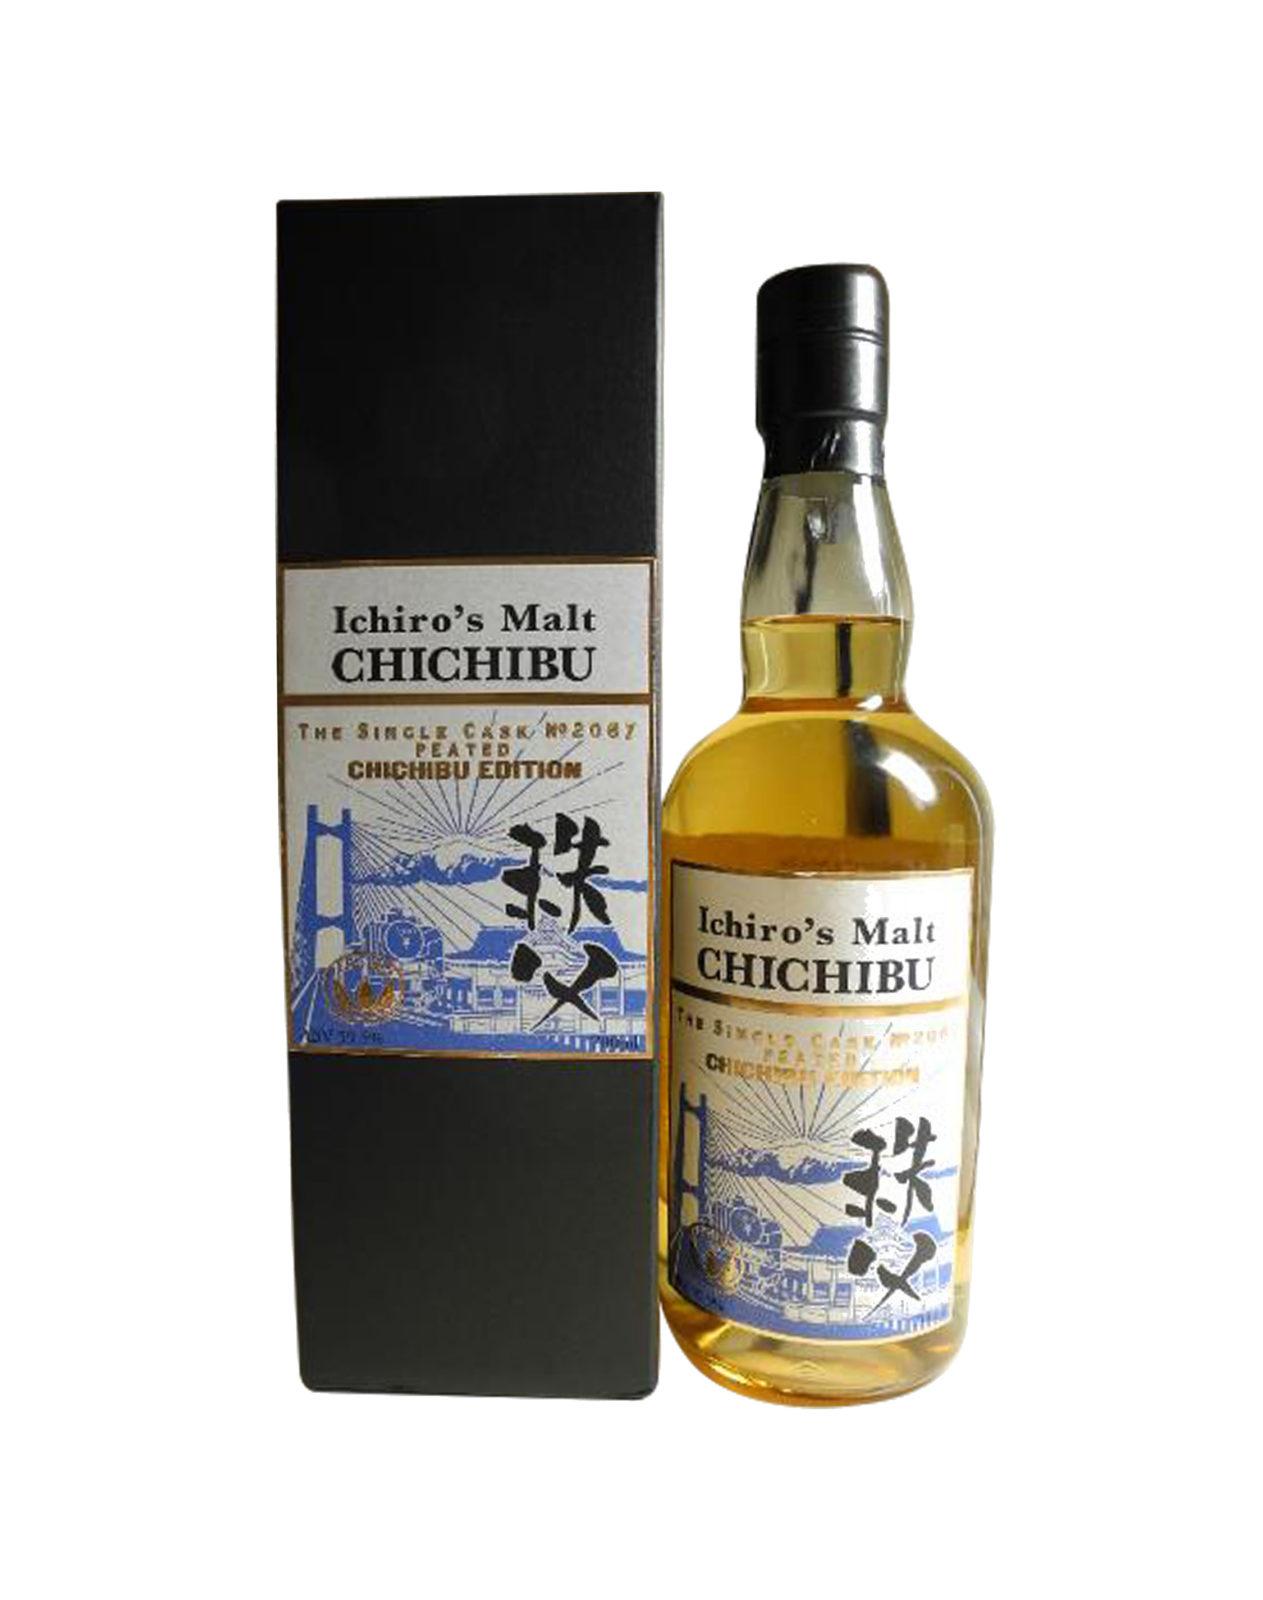 Ichiro's Malt Peated Chichibu Edition Cask 2067